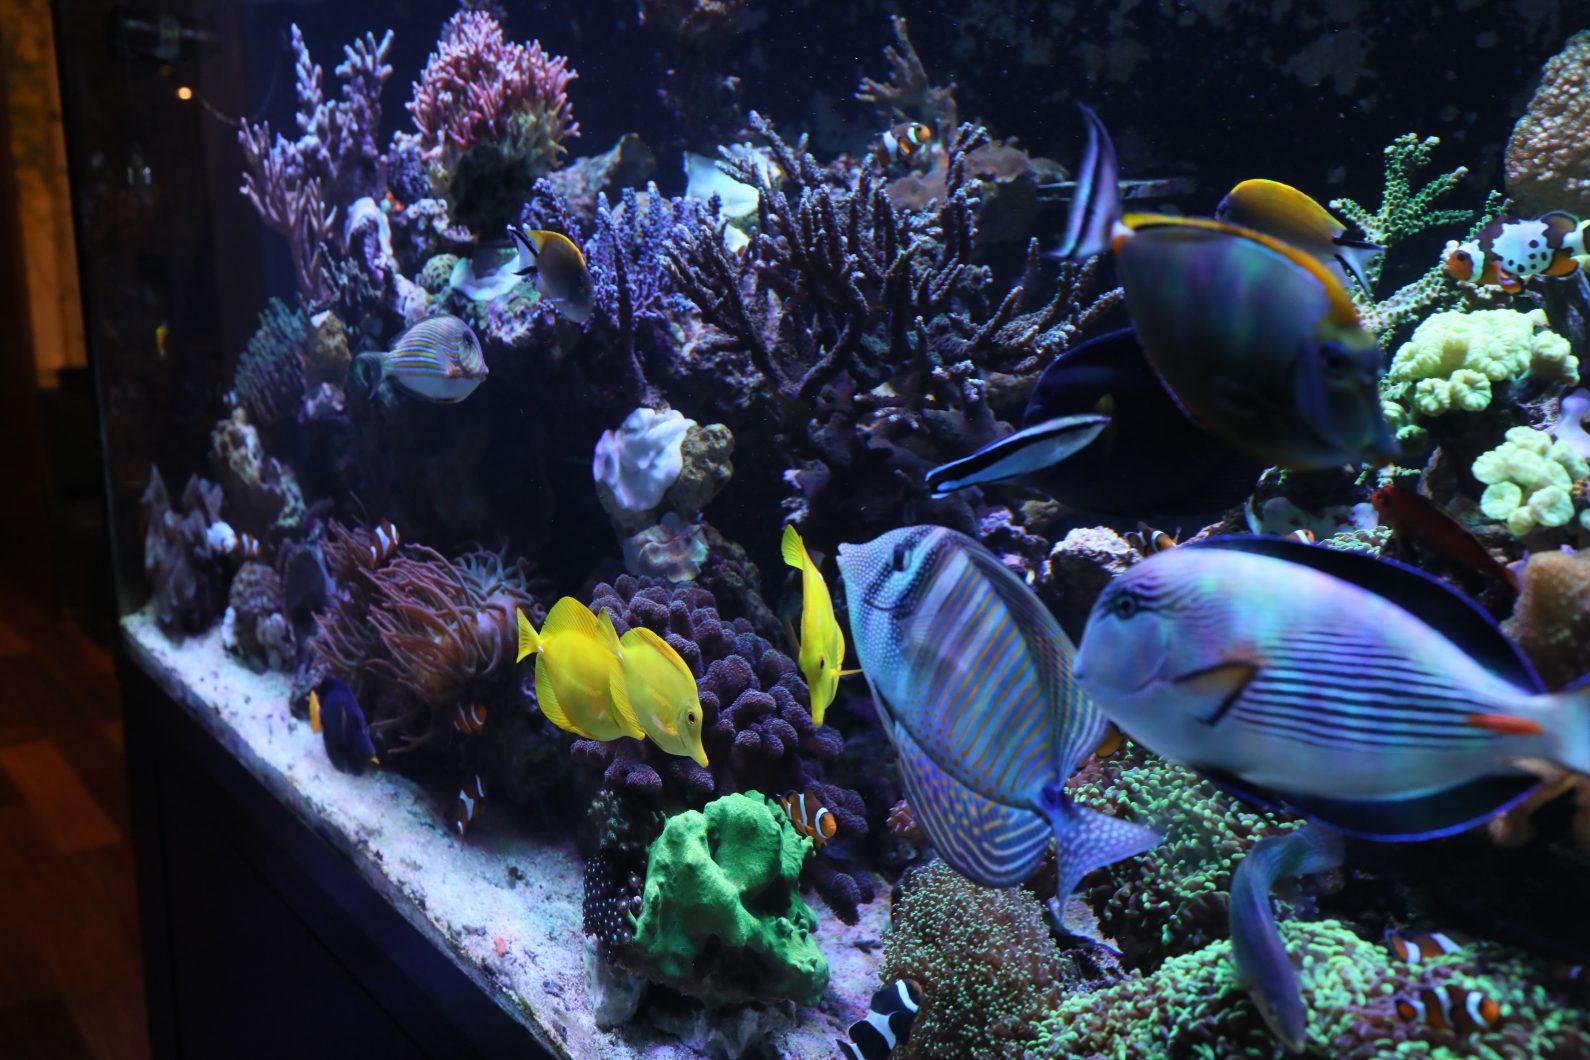 najszybsze oświetlenie led rafy koralowej